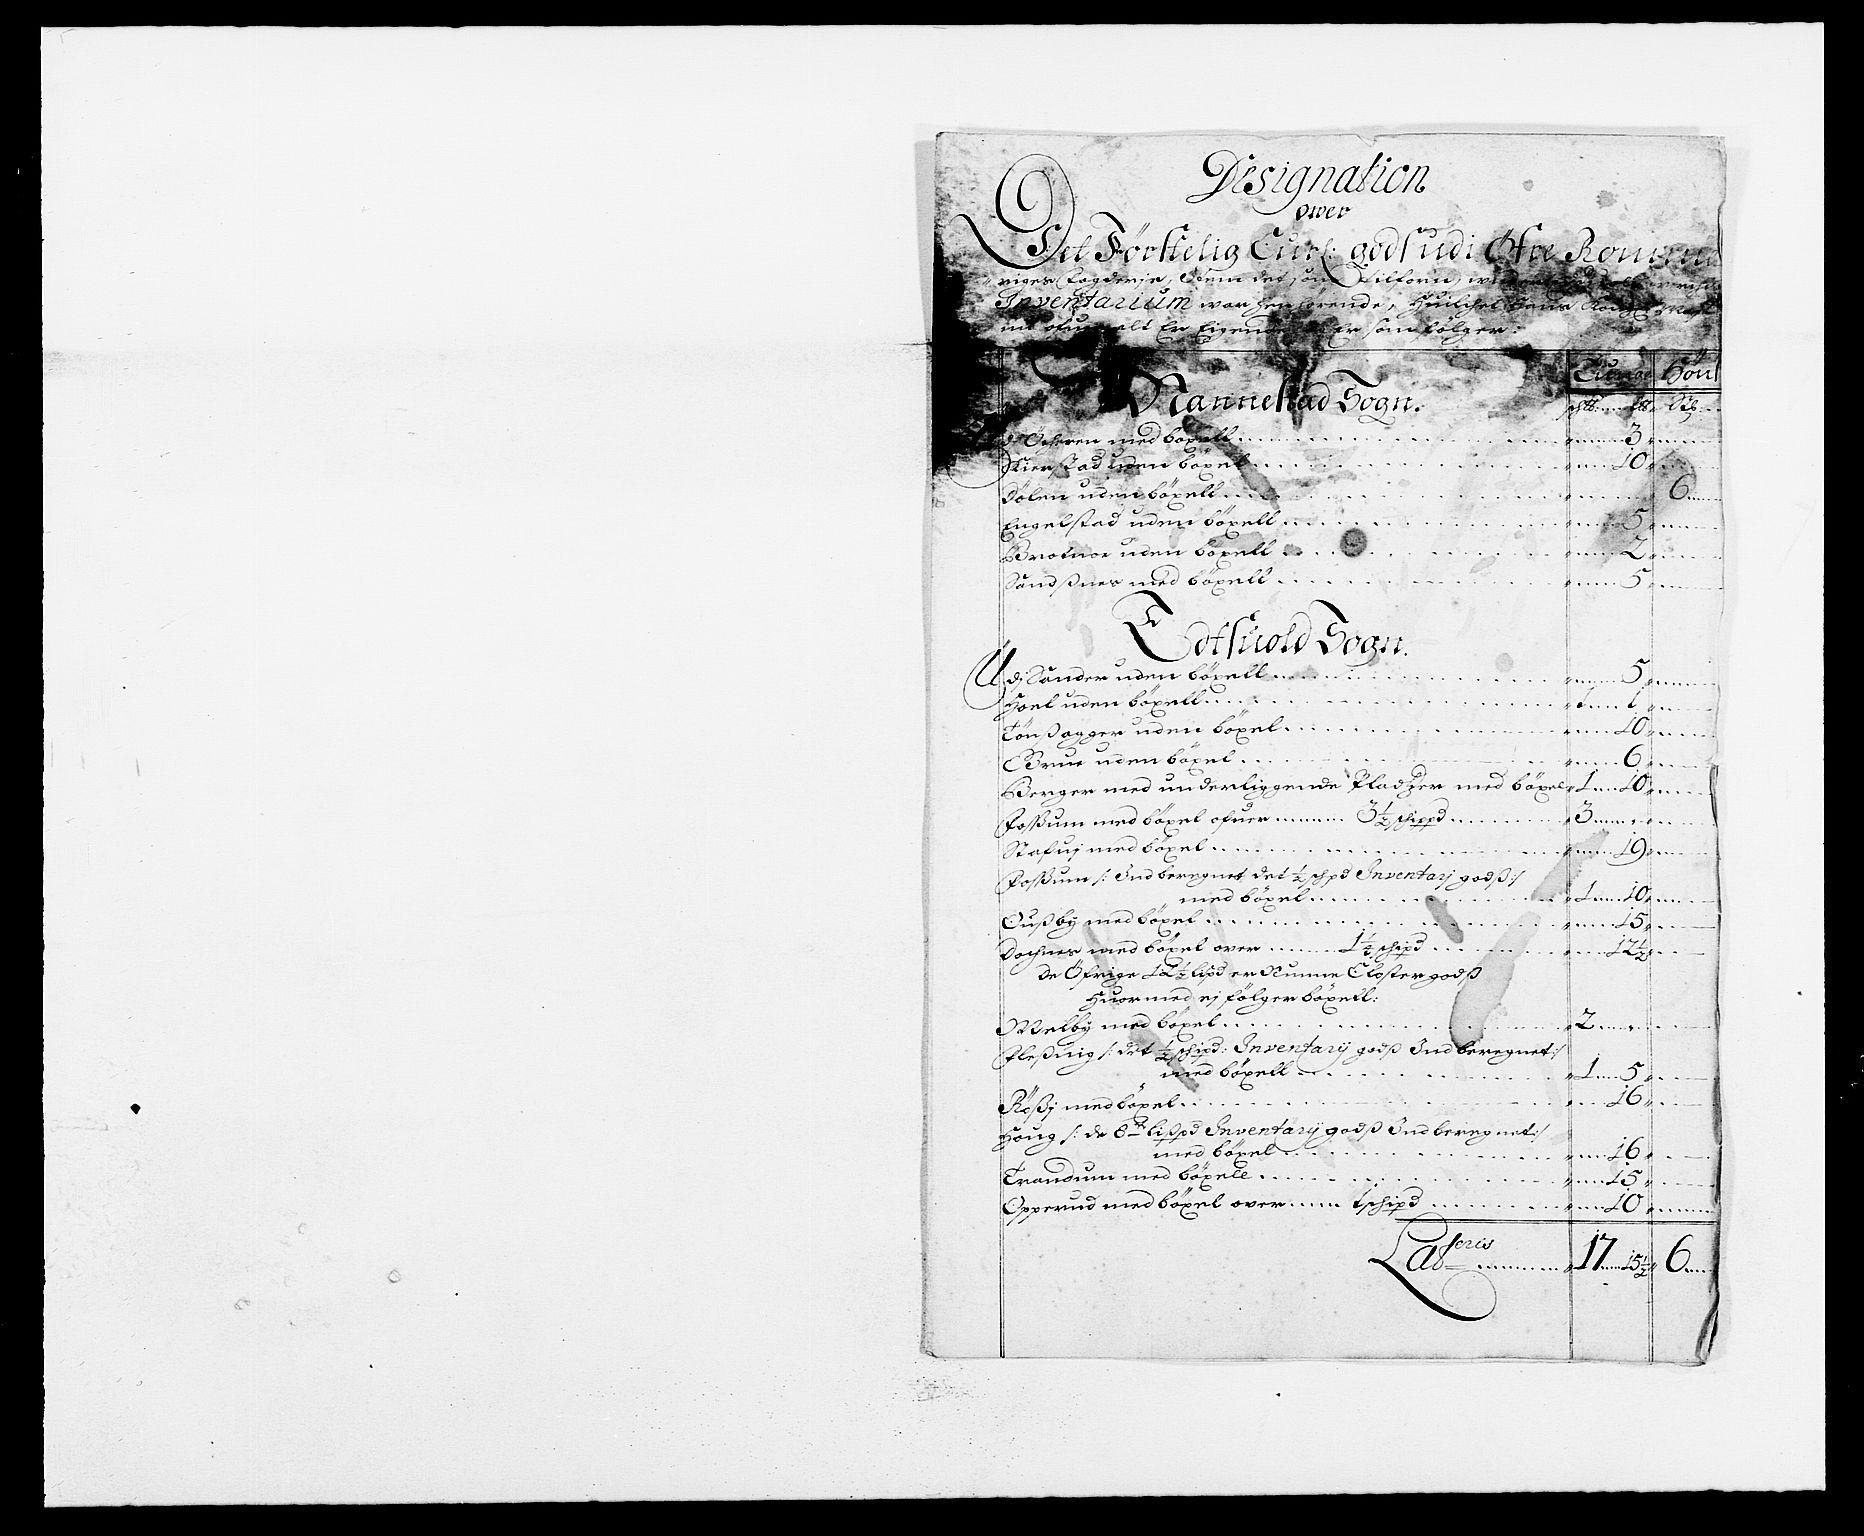 RA, Rentekammeret inntil 1814, Reviderte regnskaper, Fogderegnskap, R12/L0700: Fogderegnskap Øvre Romerike, 1687-1688, s. 265